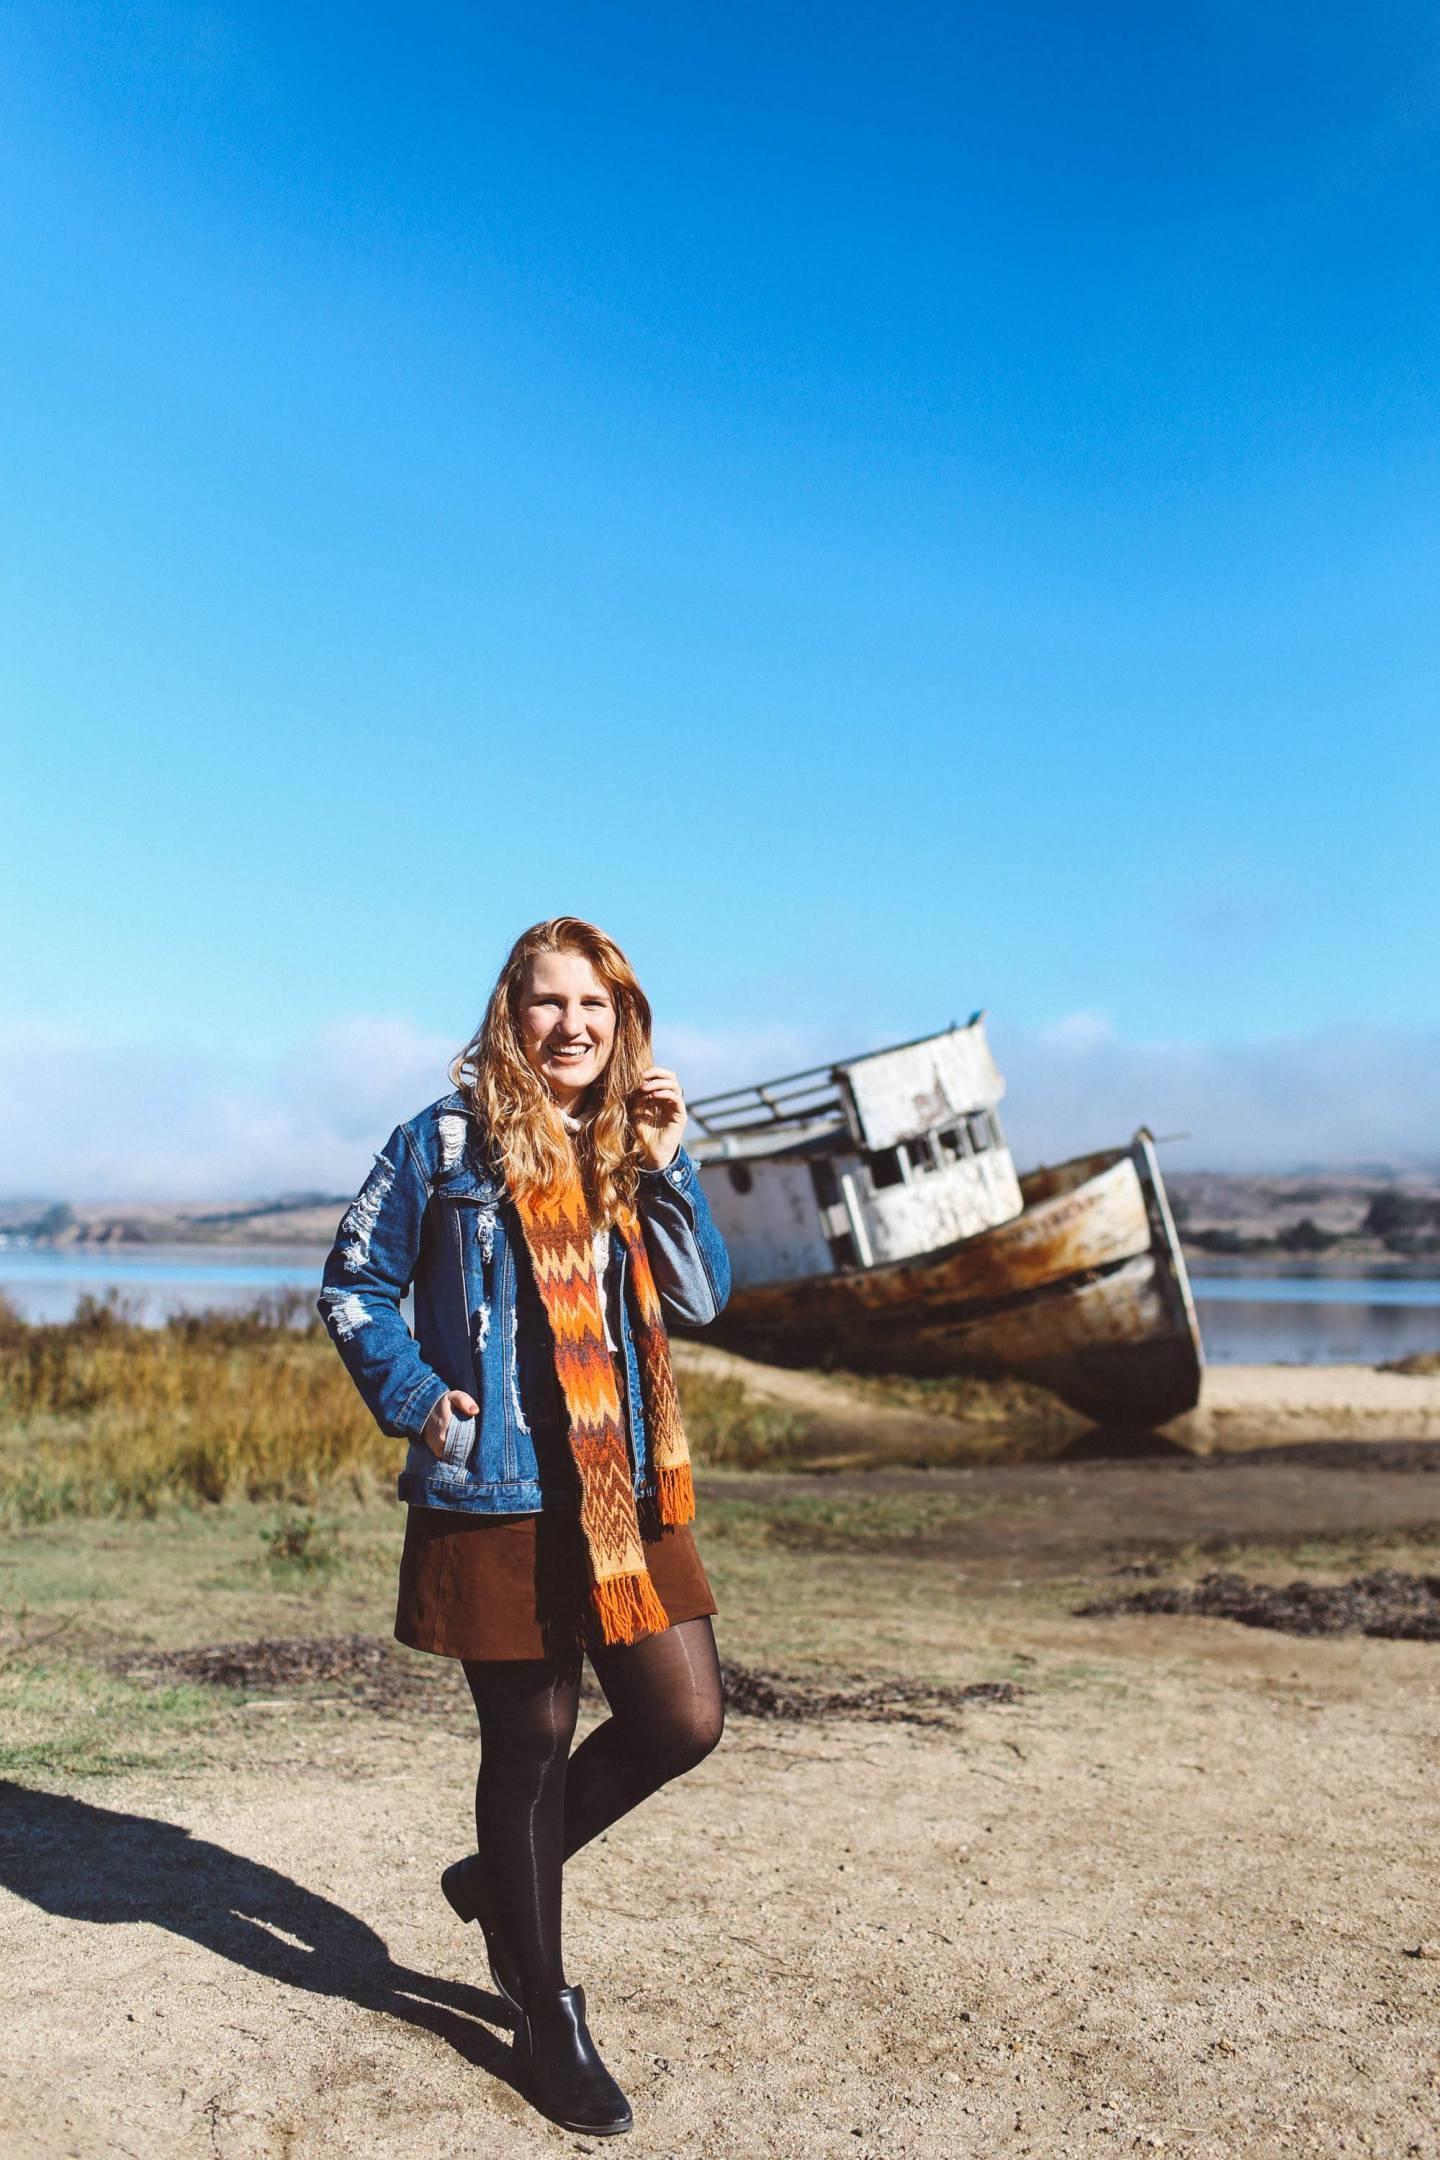 Point Reyes shipwreck woman